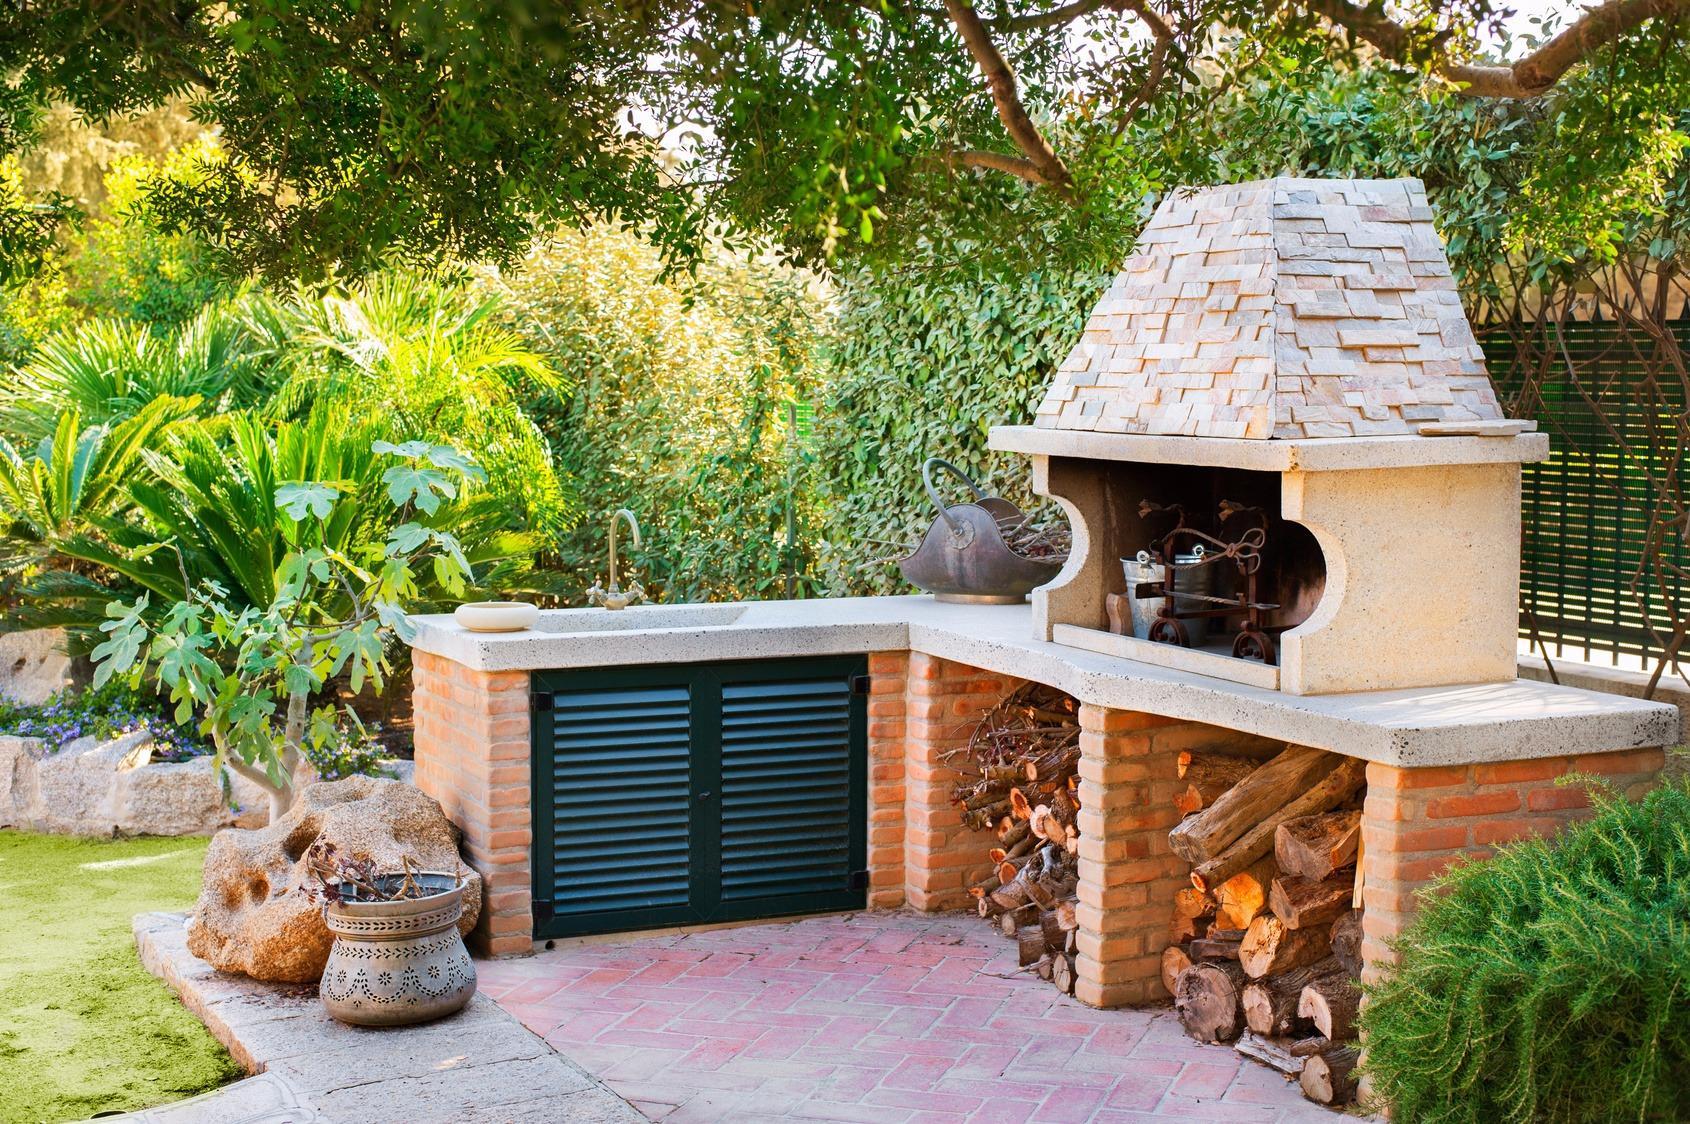 Как обустроить летнюю кухню на даче своими руками фото